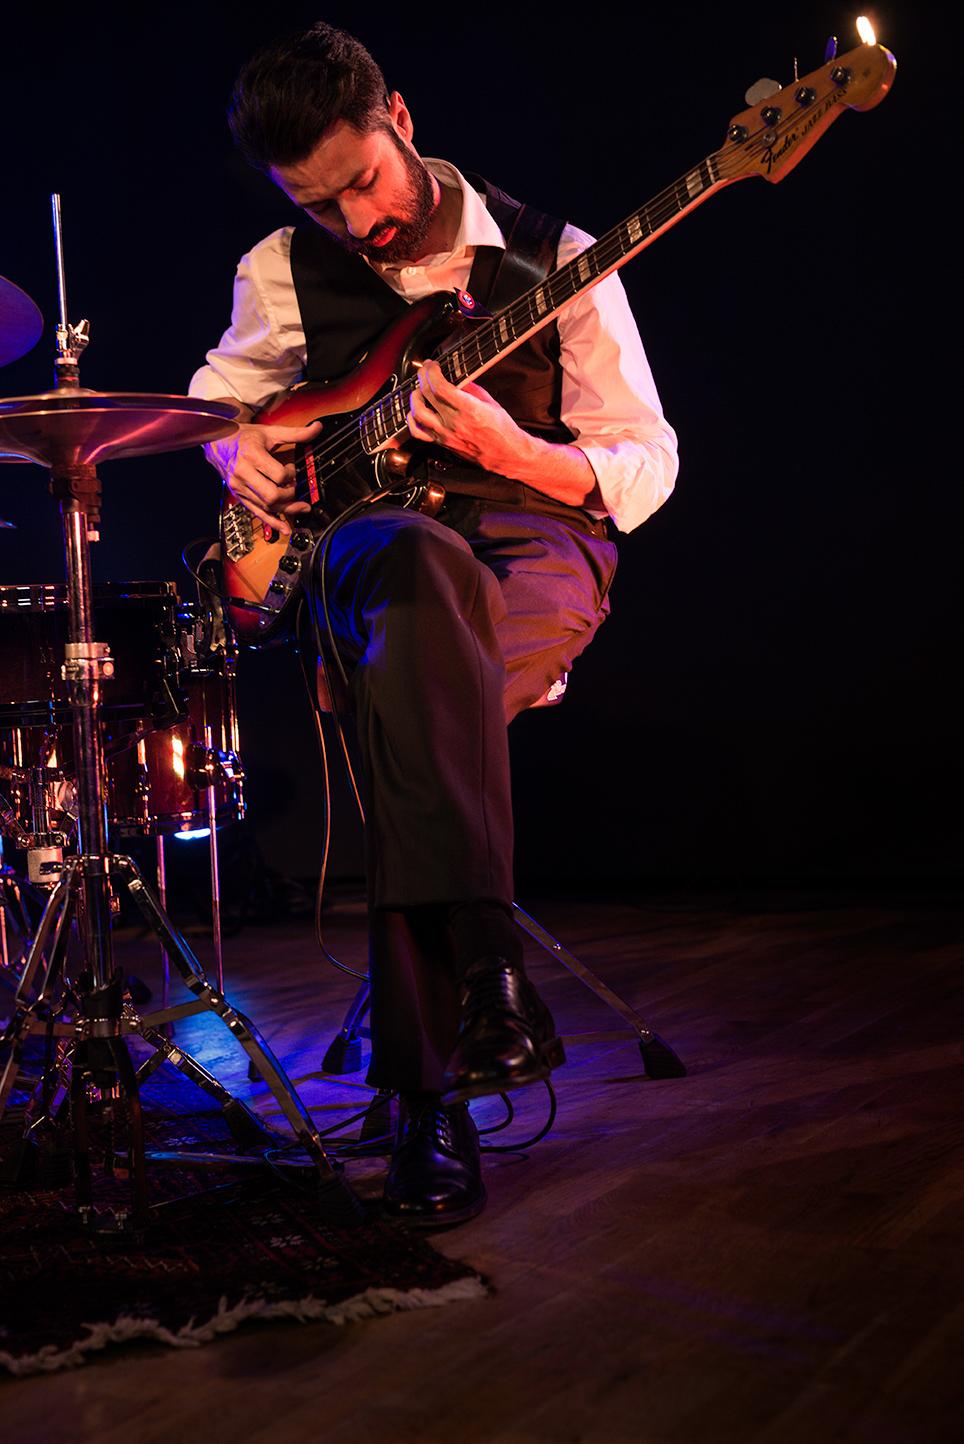 Jazzband kindofblue Bass Florian Jauker